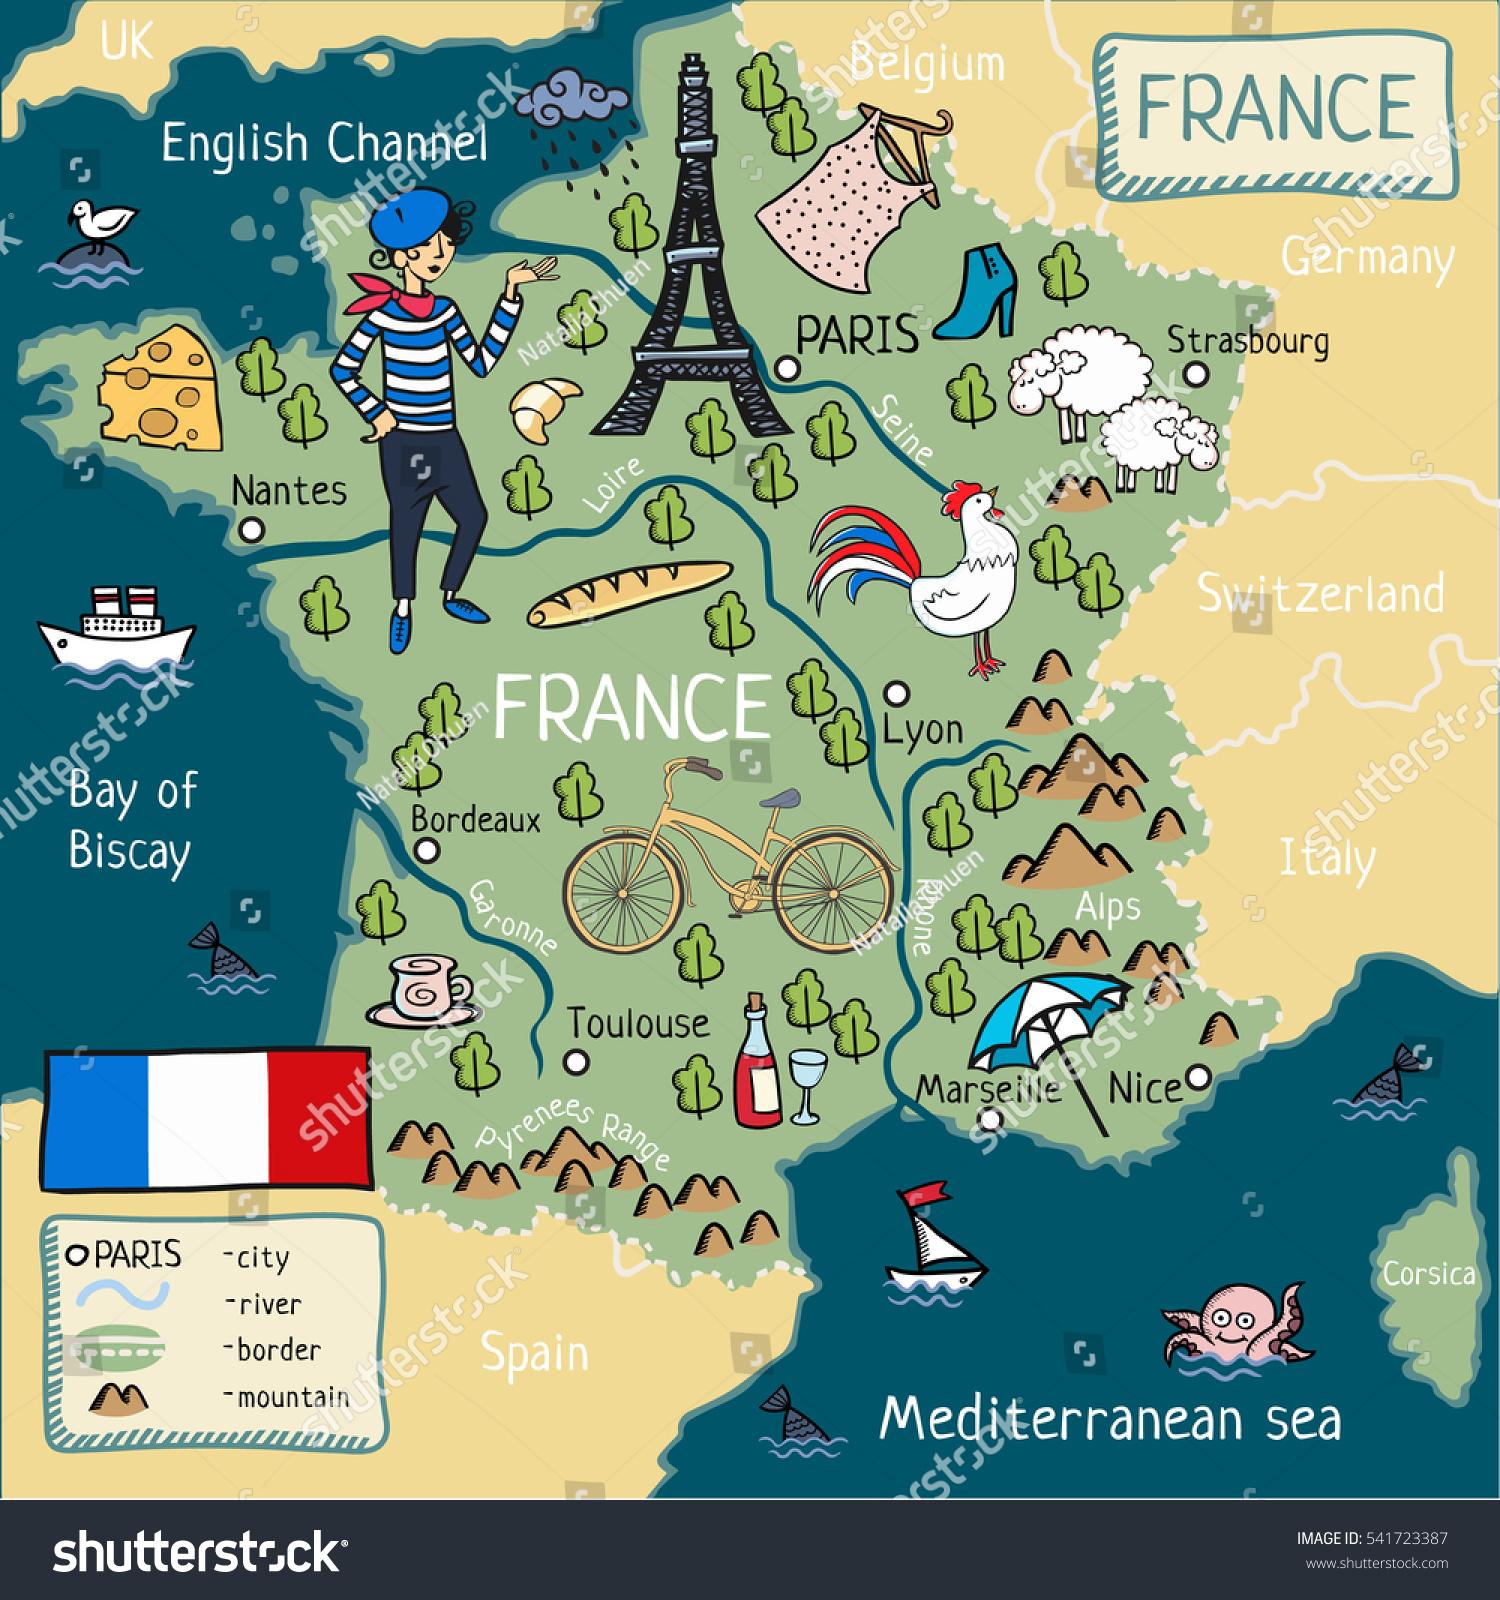 Cartoon Map France Stockillustration 541723387 – Shutterstock